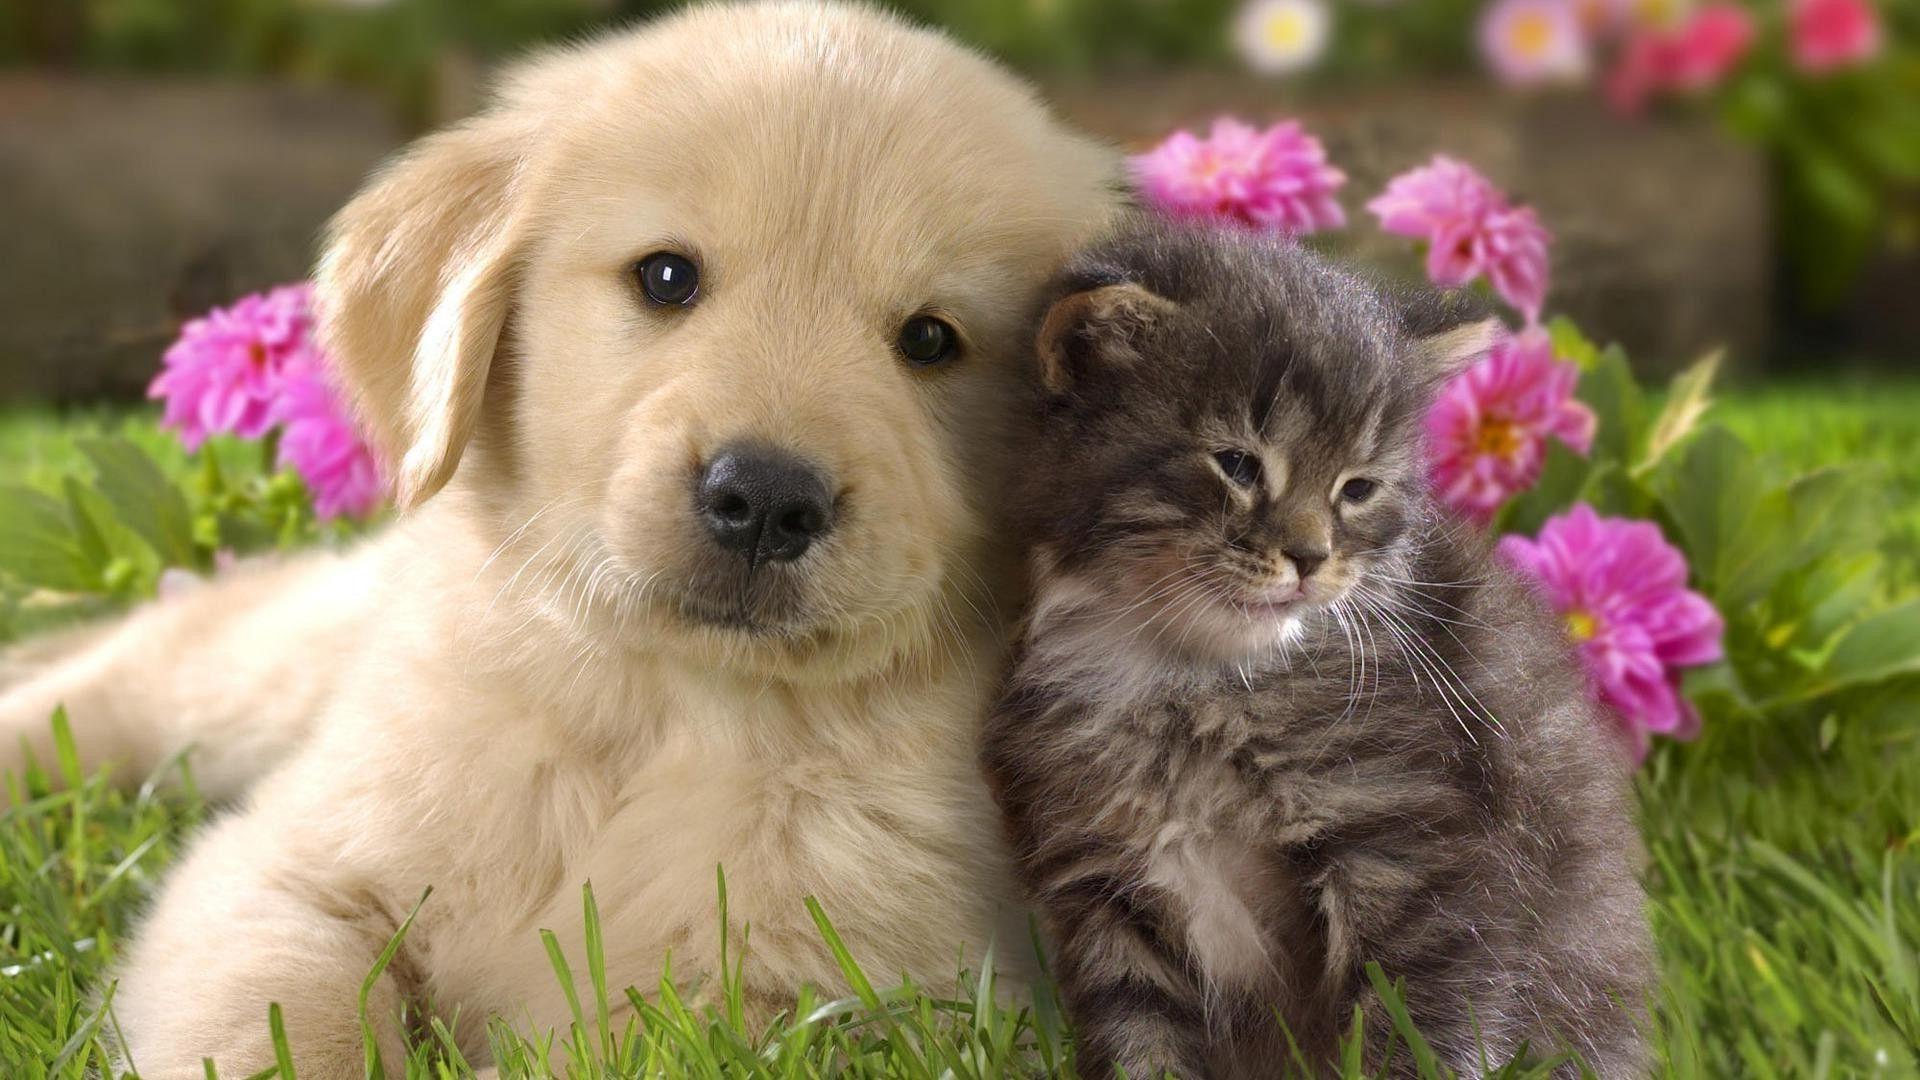 Puppy And Kitten HD Desktop Wallpaper